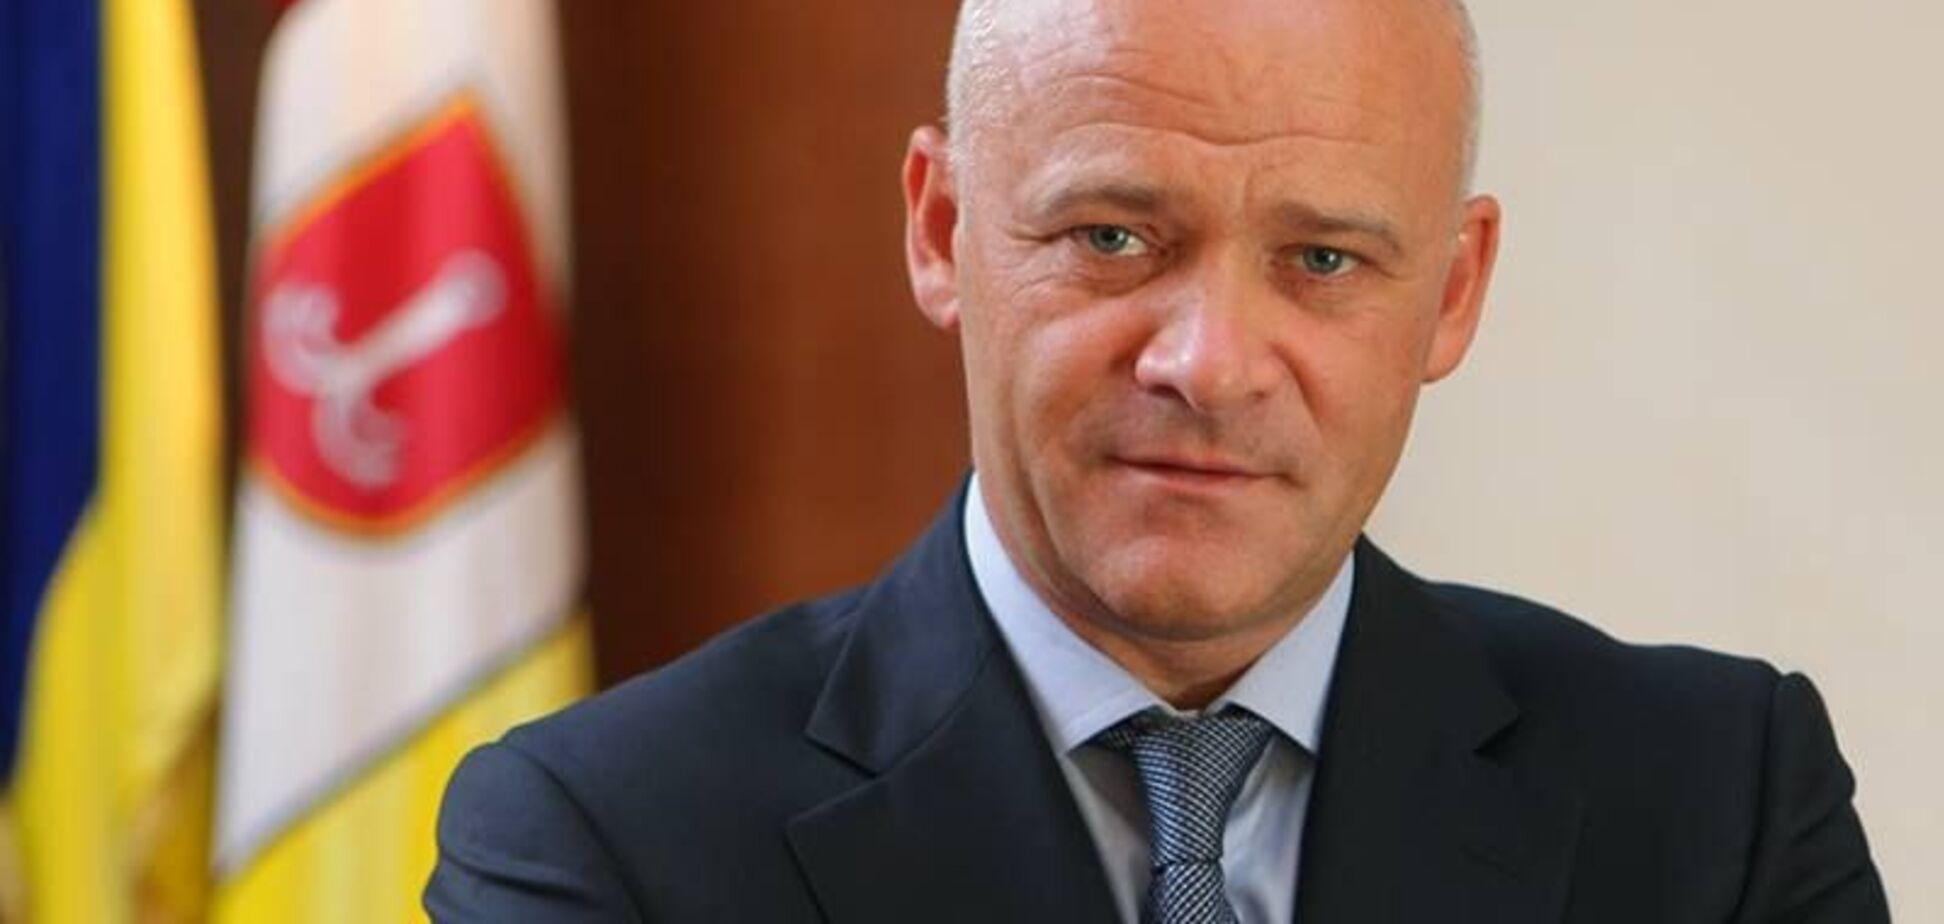 Обыск у Труханова: в НАБУ объяснили, зачем им мэр Одессы